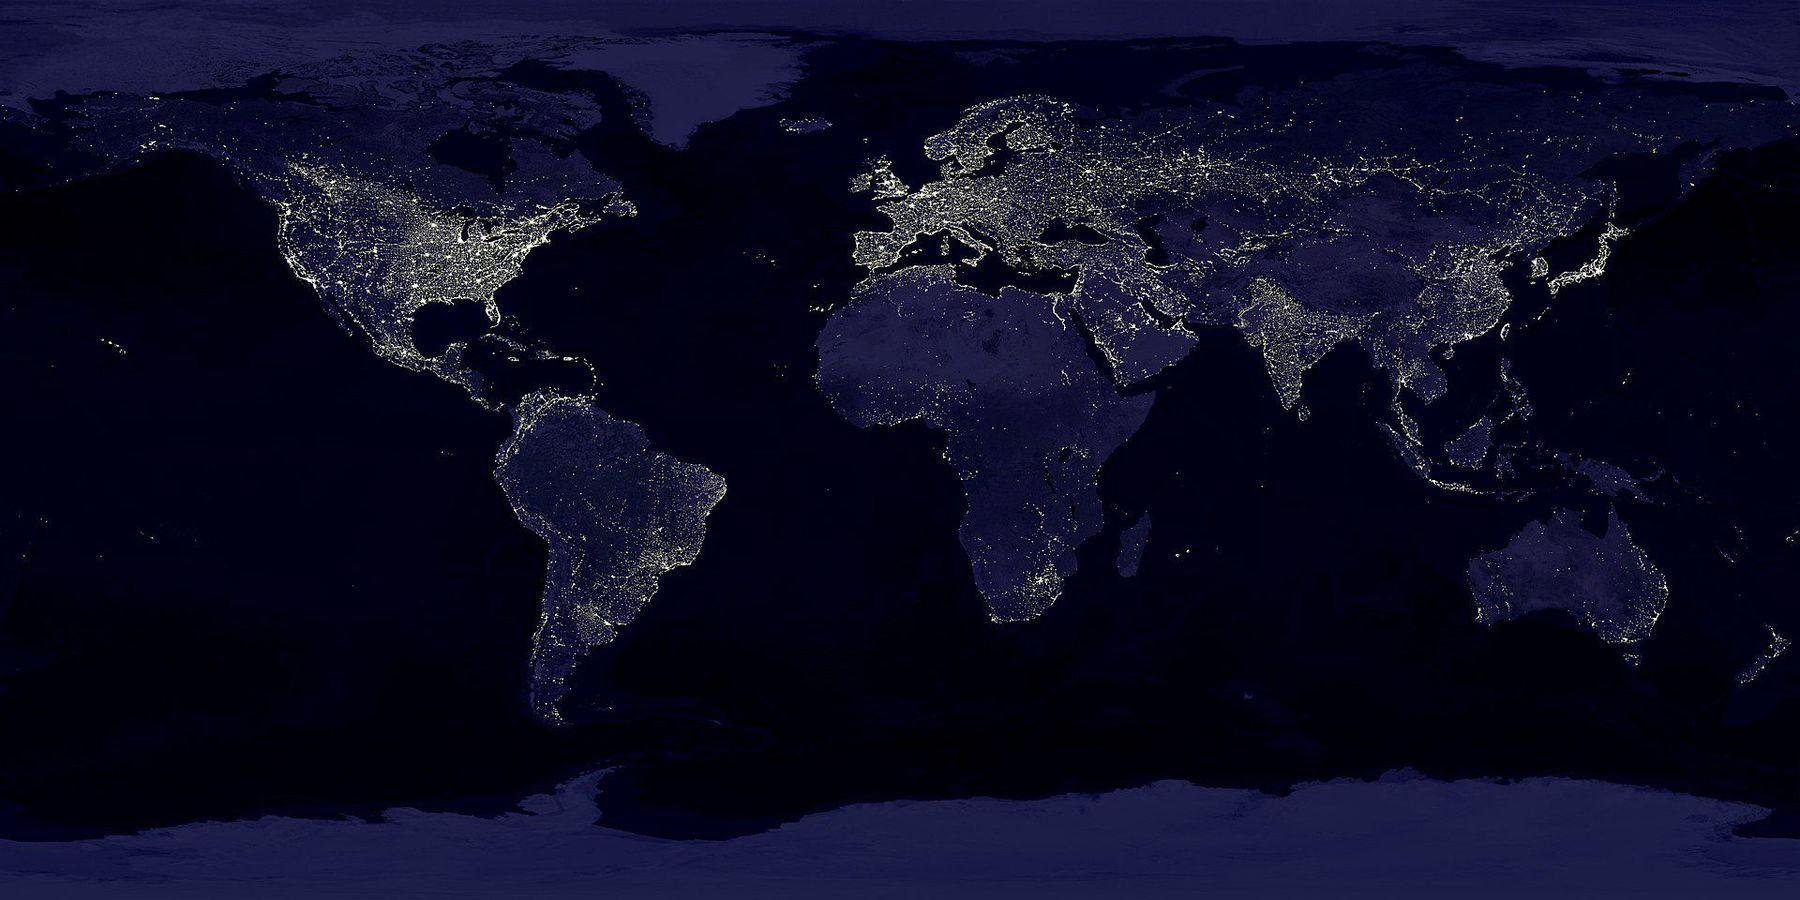 Світлове забруднення сягнуло морських глибин - Світовий океан - 10 svet